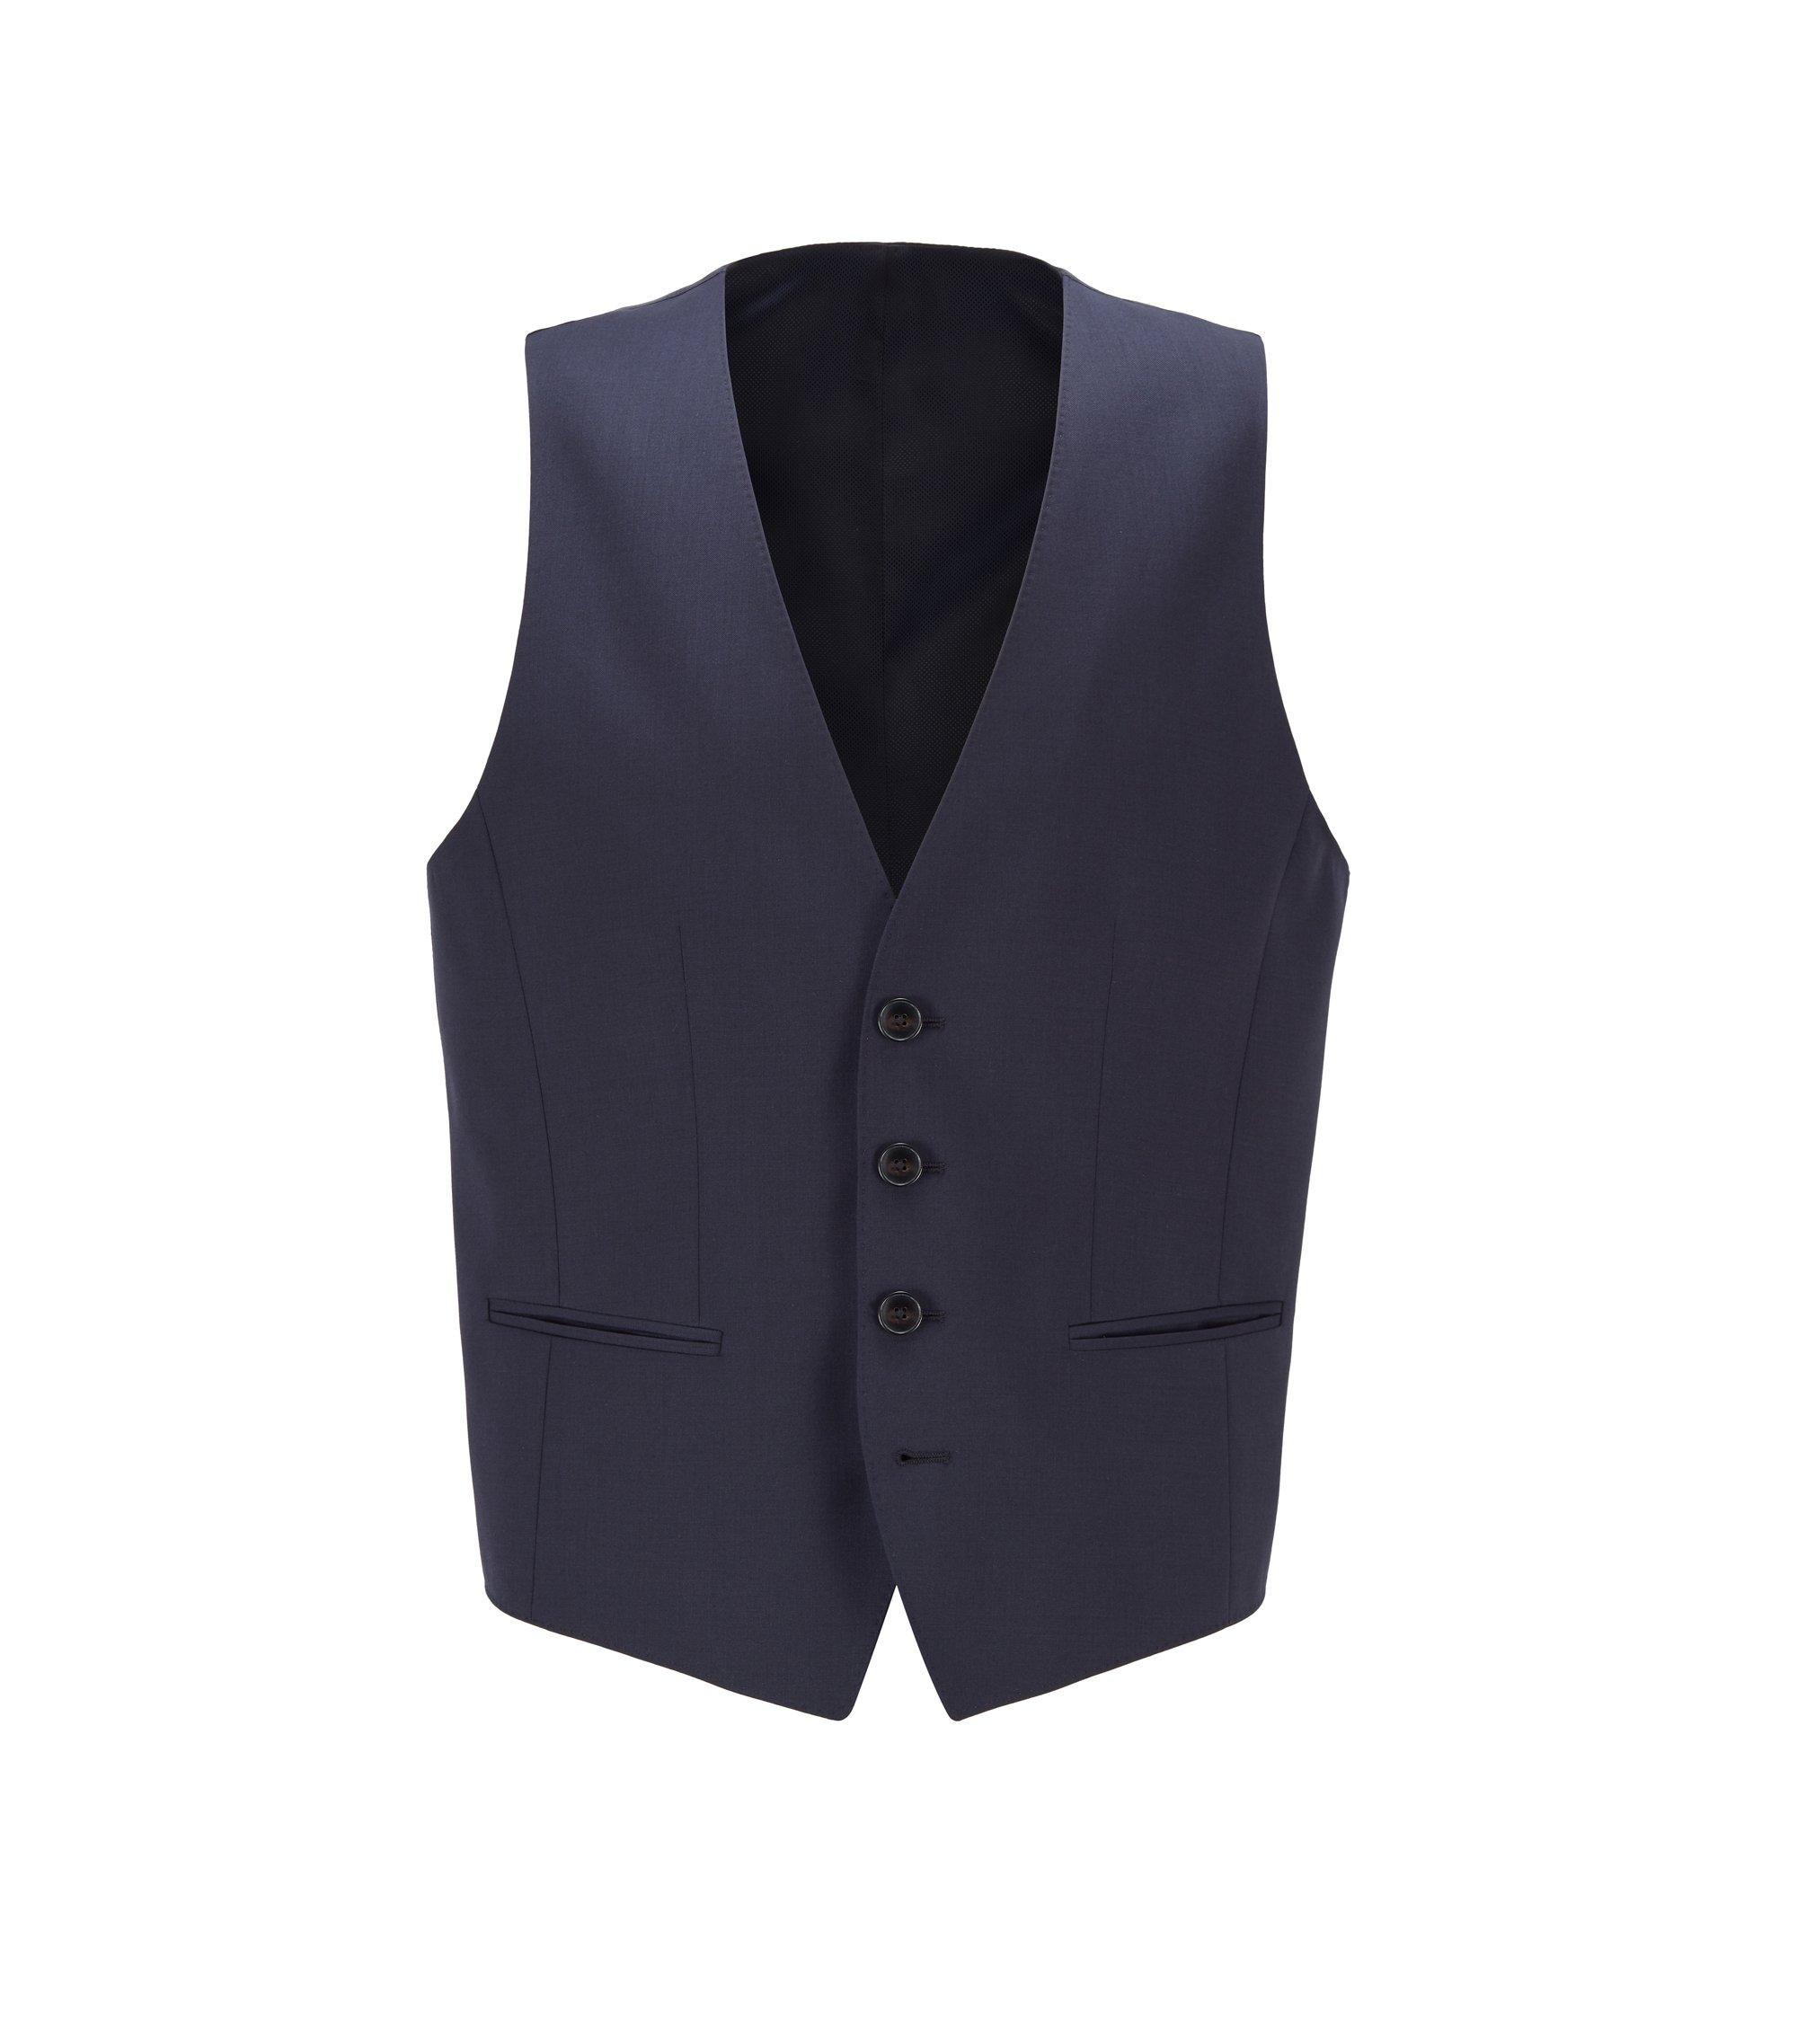 Virgin Wool Waistcoat, Slim Fit | Wilson CYL, Dark Blue